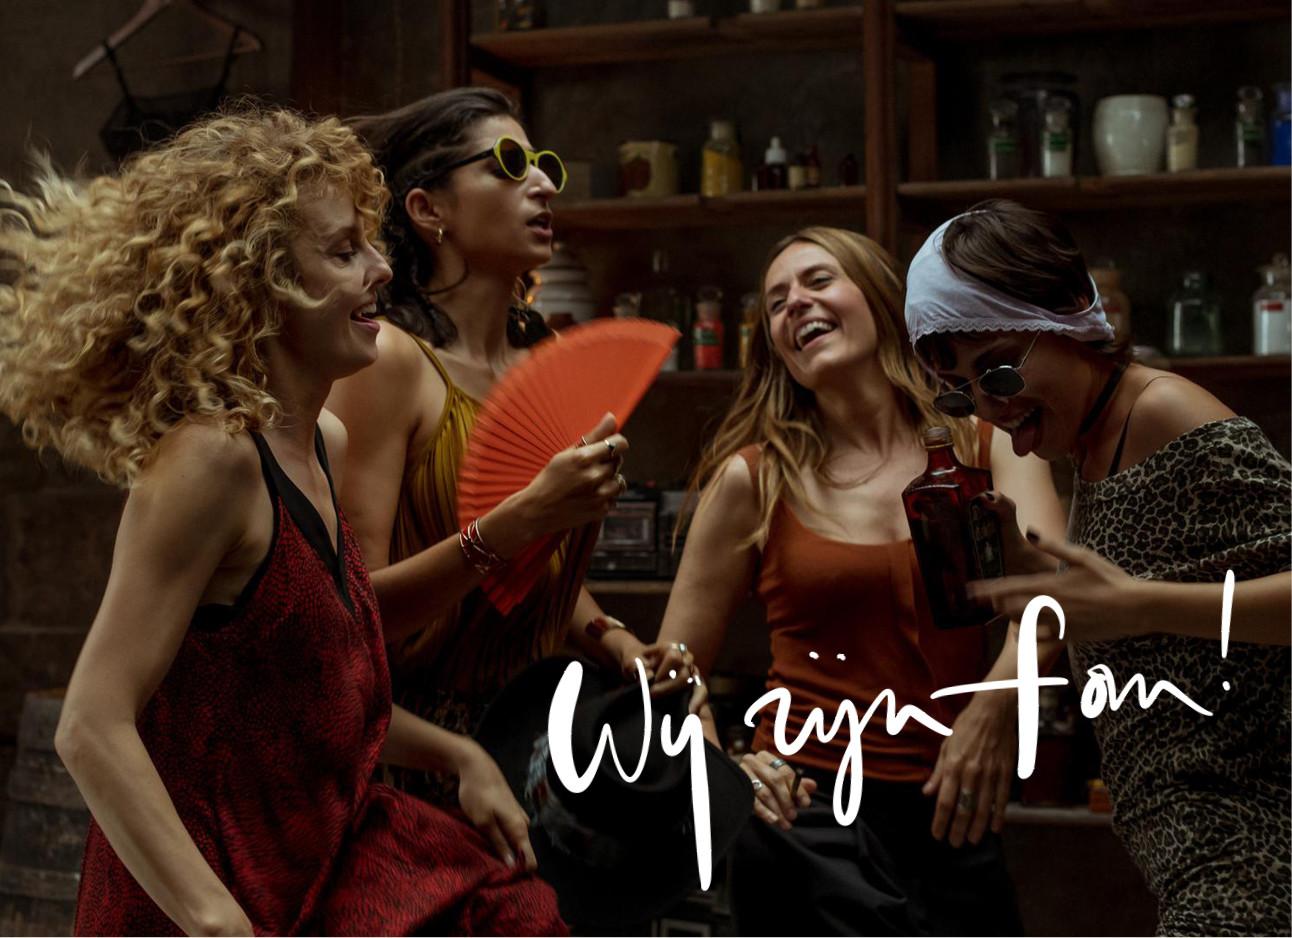 La casa de papel vrouwen dansen in een ruimte